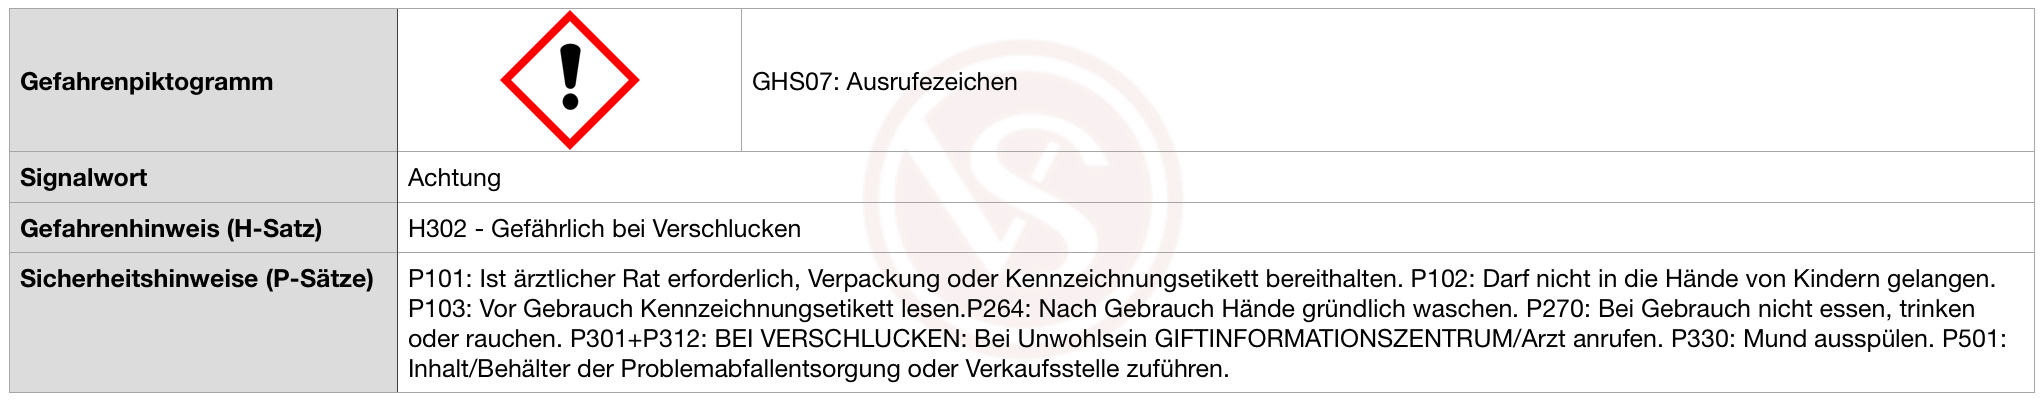 H302_GHF_AchtungYlPZ3MXh1Firl